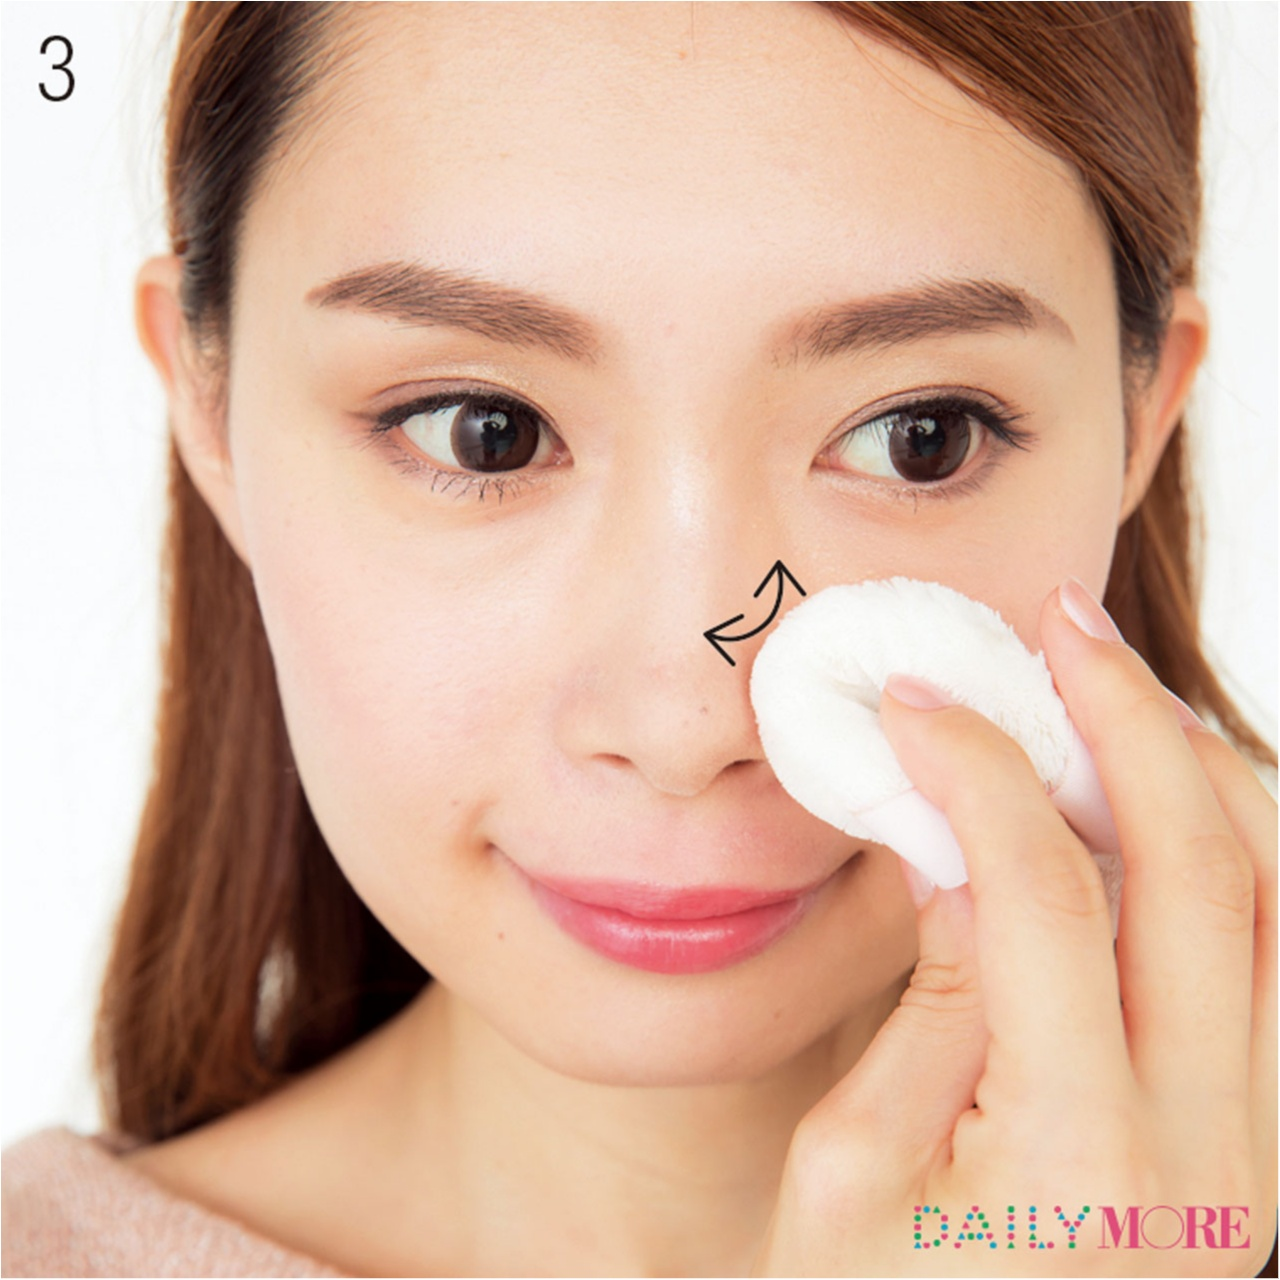 鼻や顔のテカり防止メイク特集 - 汗をかいても崩れにくいメイクテクは?_29